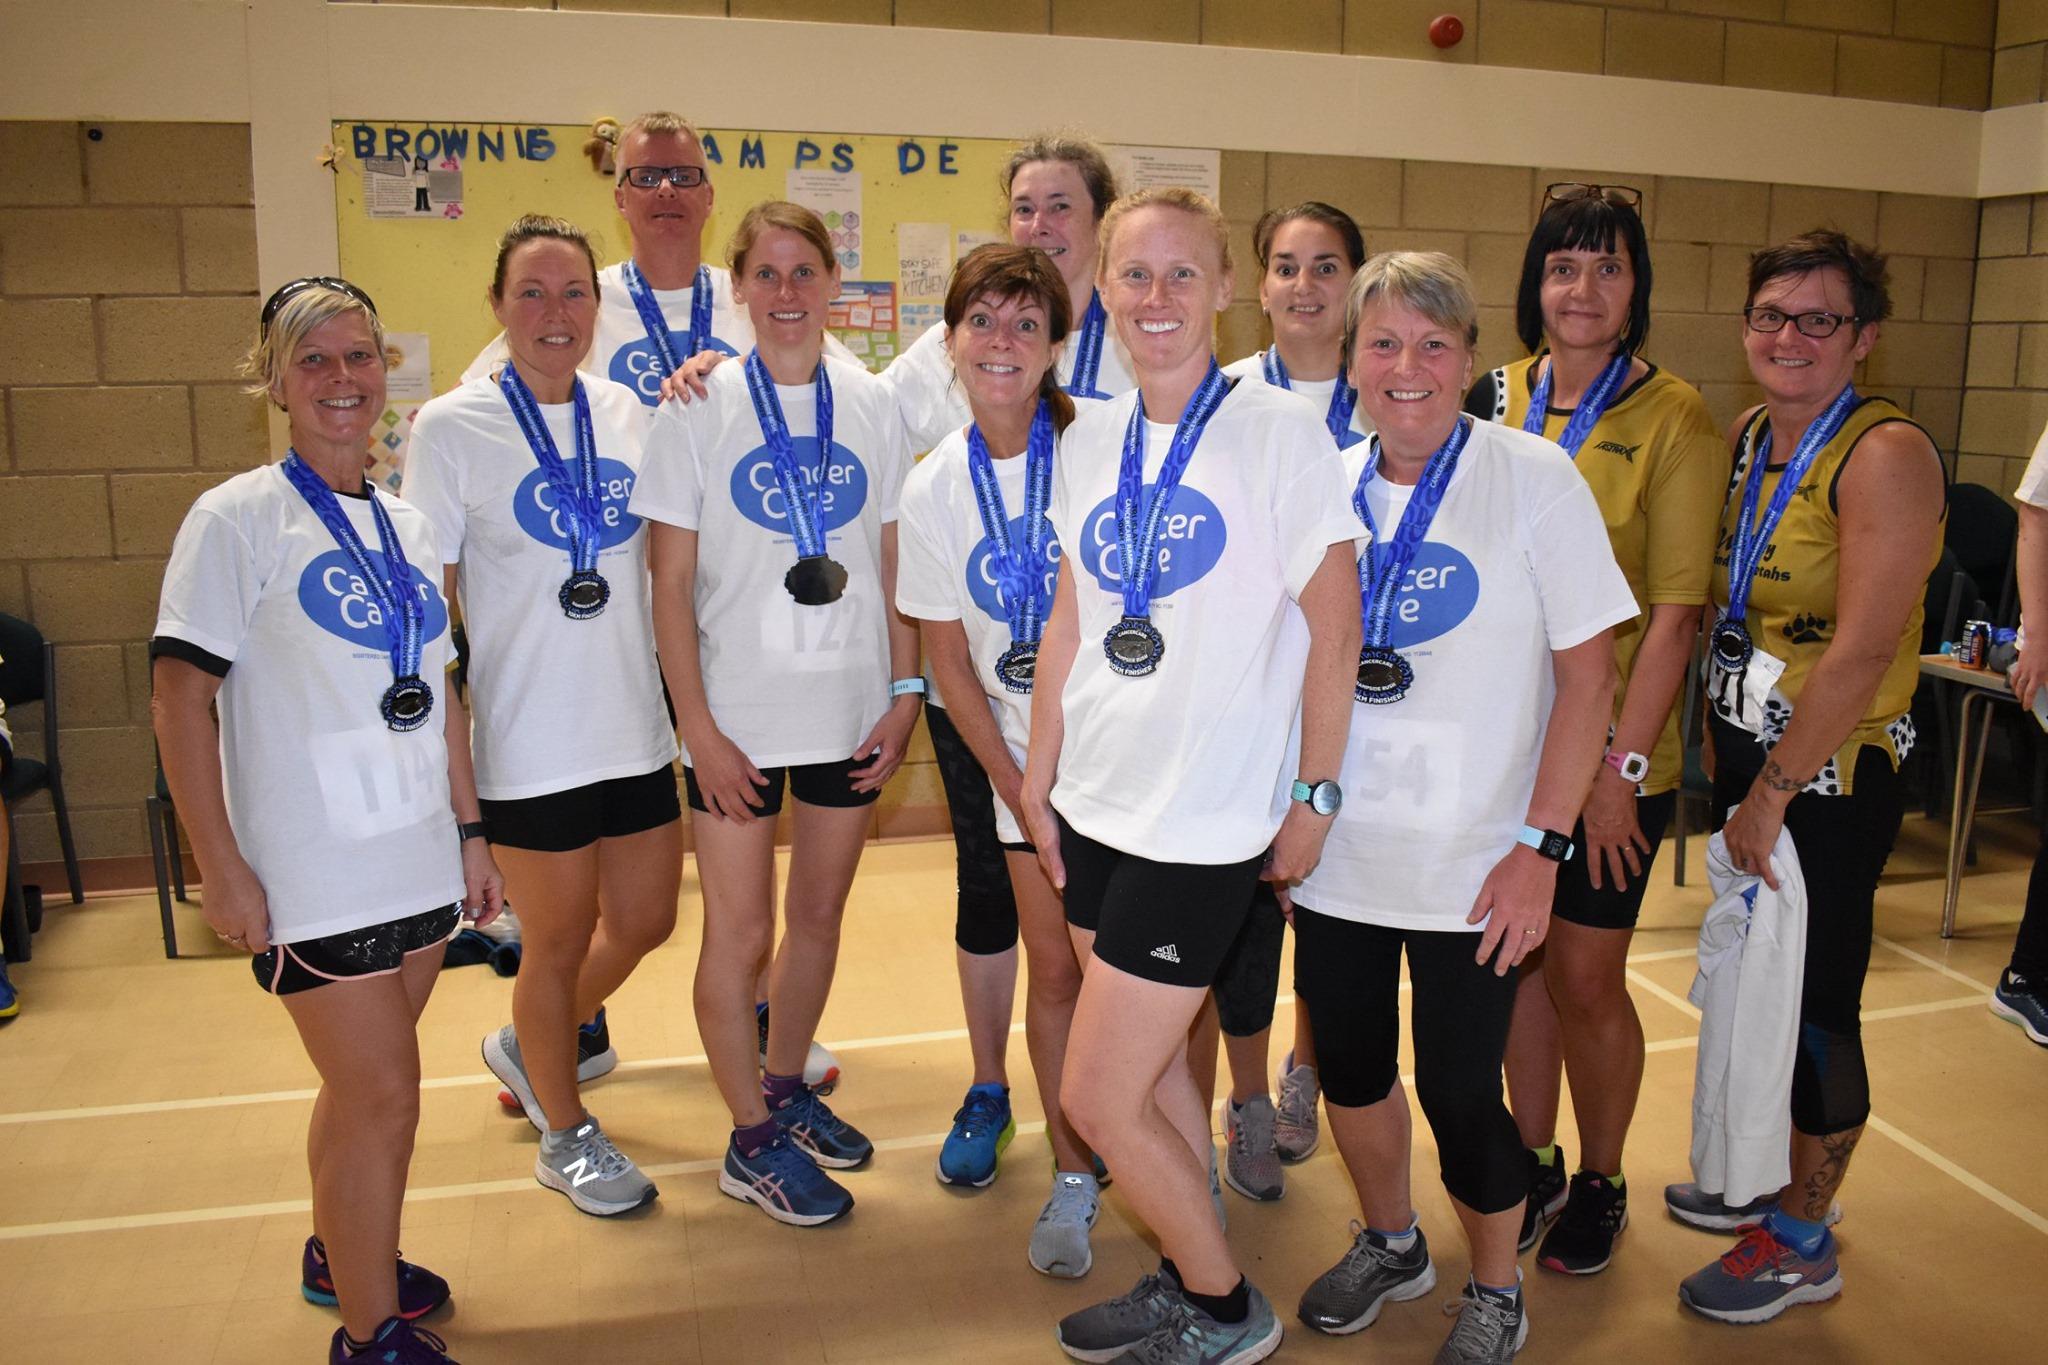 group finish photo 3